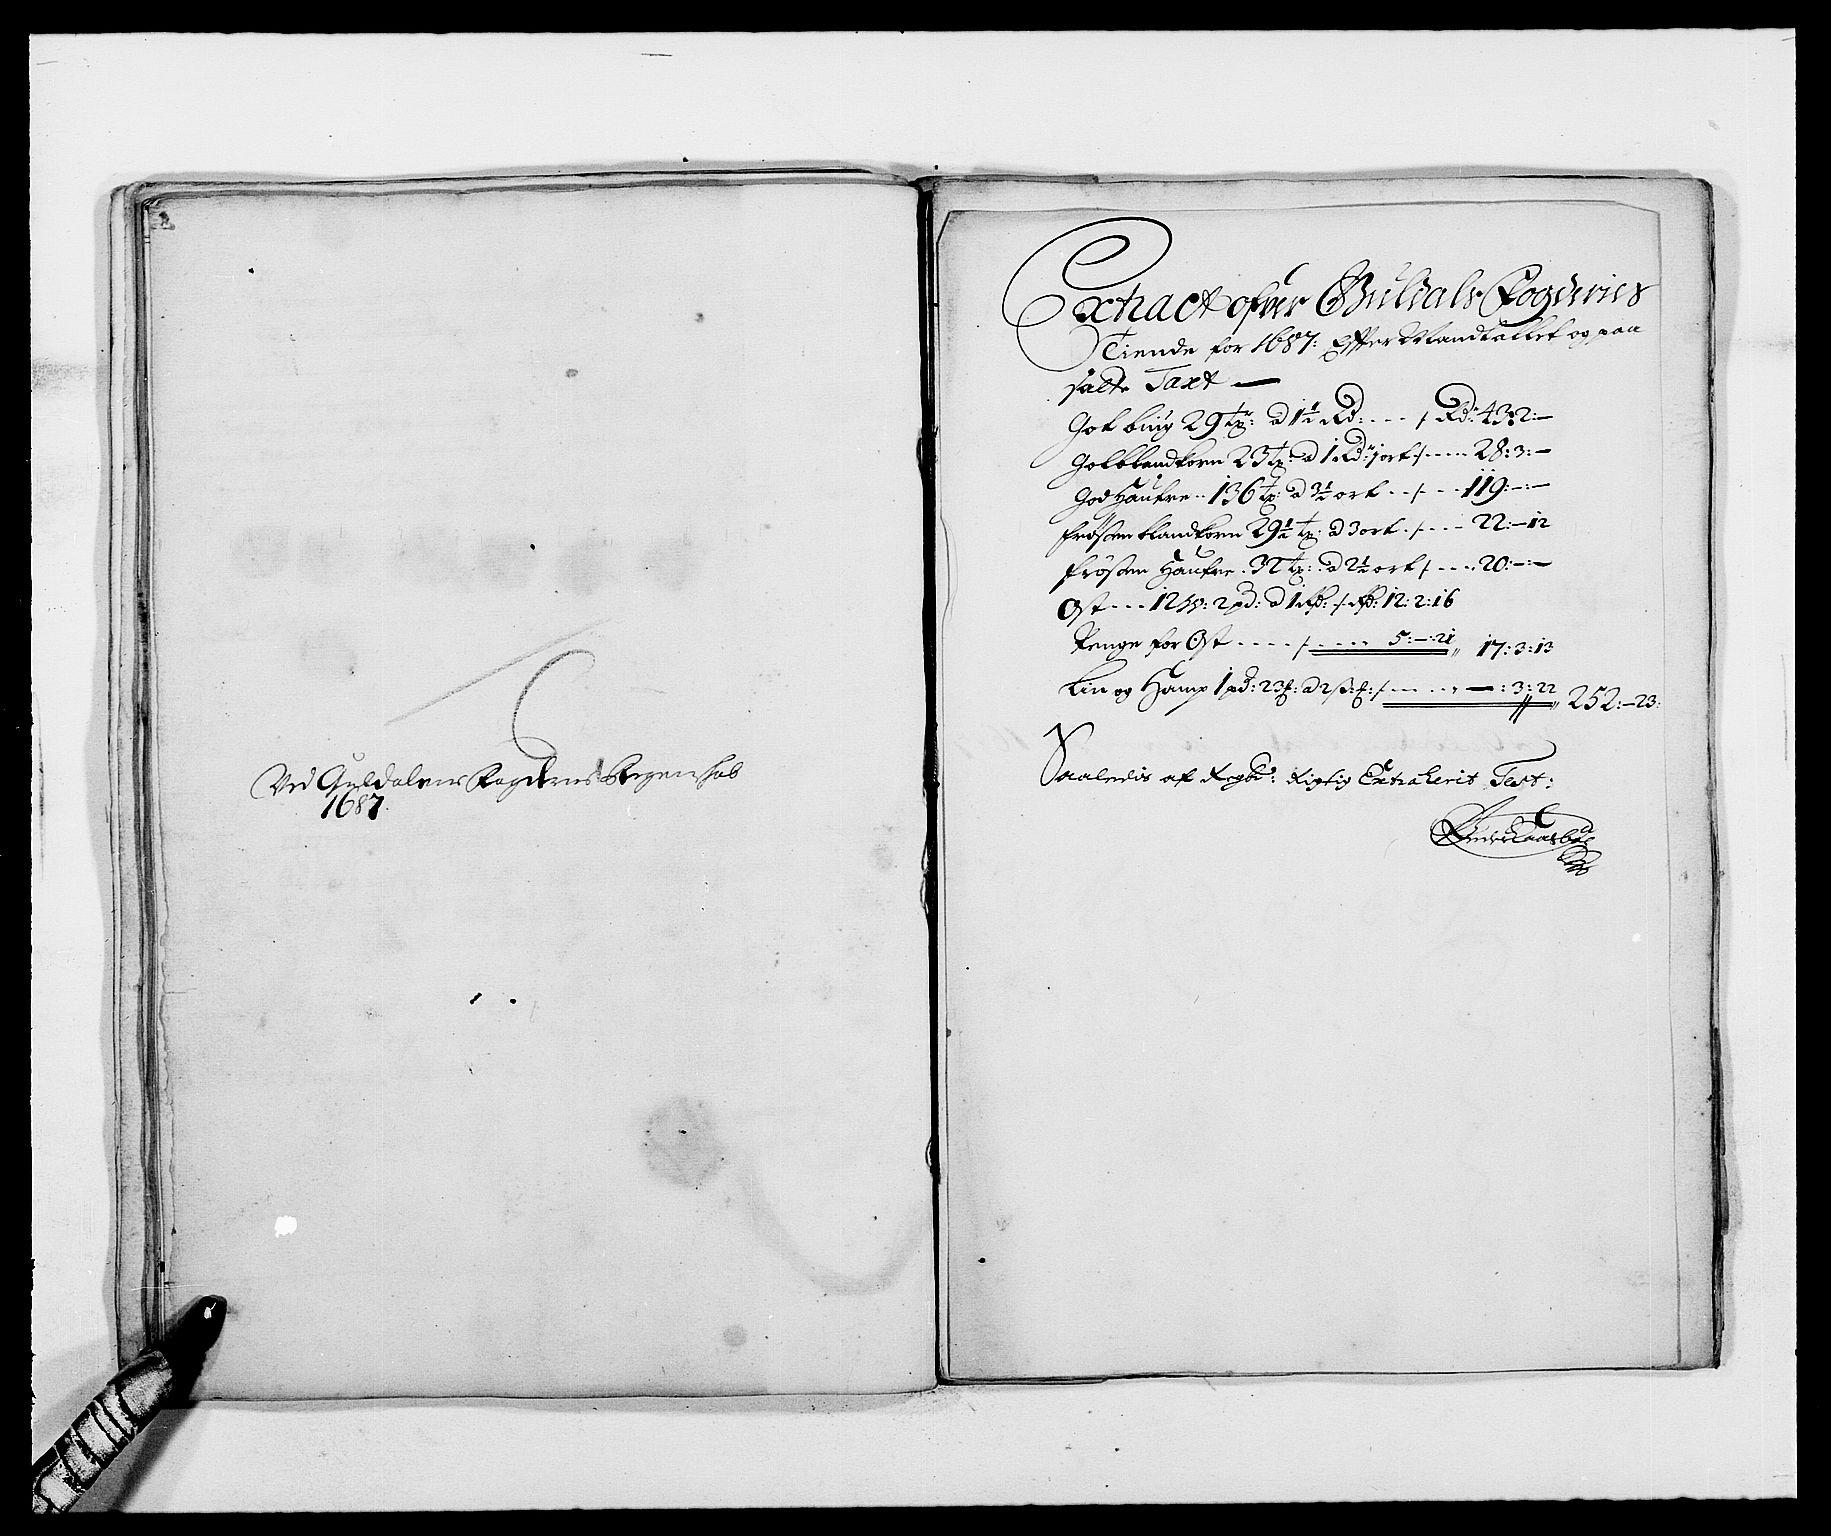 RA, Rentekammeret inntil 1814, Reviderte regnskaper, Fogderegnskap, R59/L3939: Fogderegnskap Gauldal, 1687-1688, s. 35